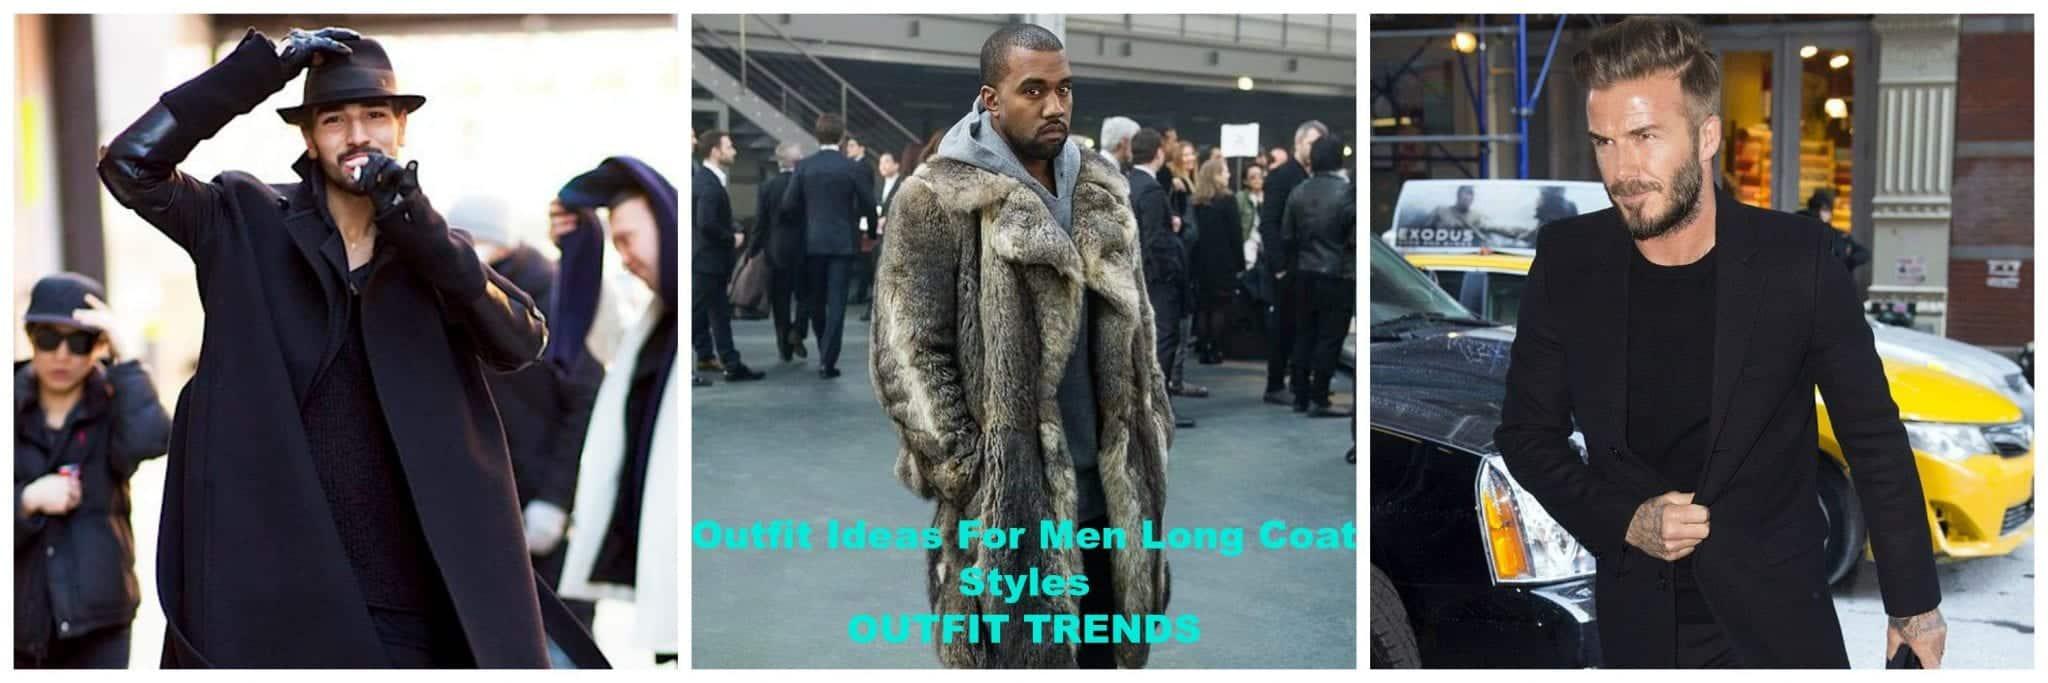 Men Long Coat Styles- 30 Best Outfits To Wear Long Down Coat